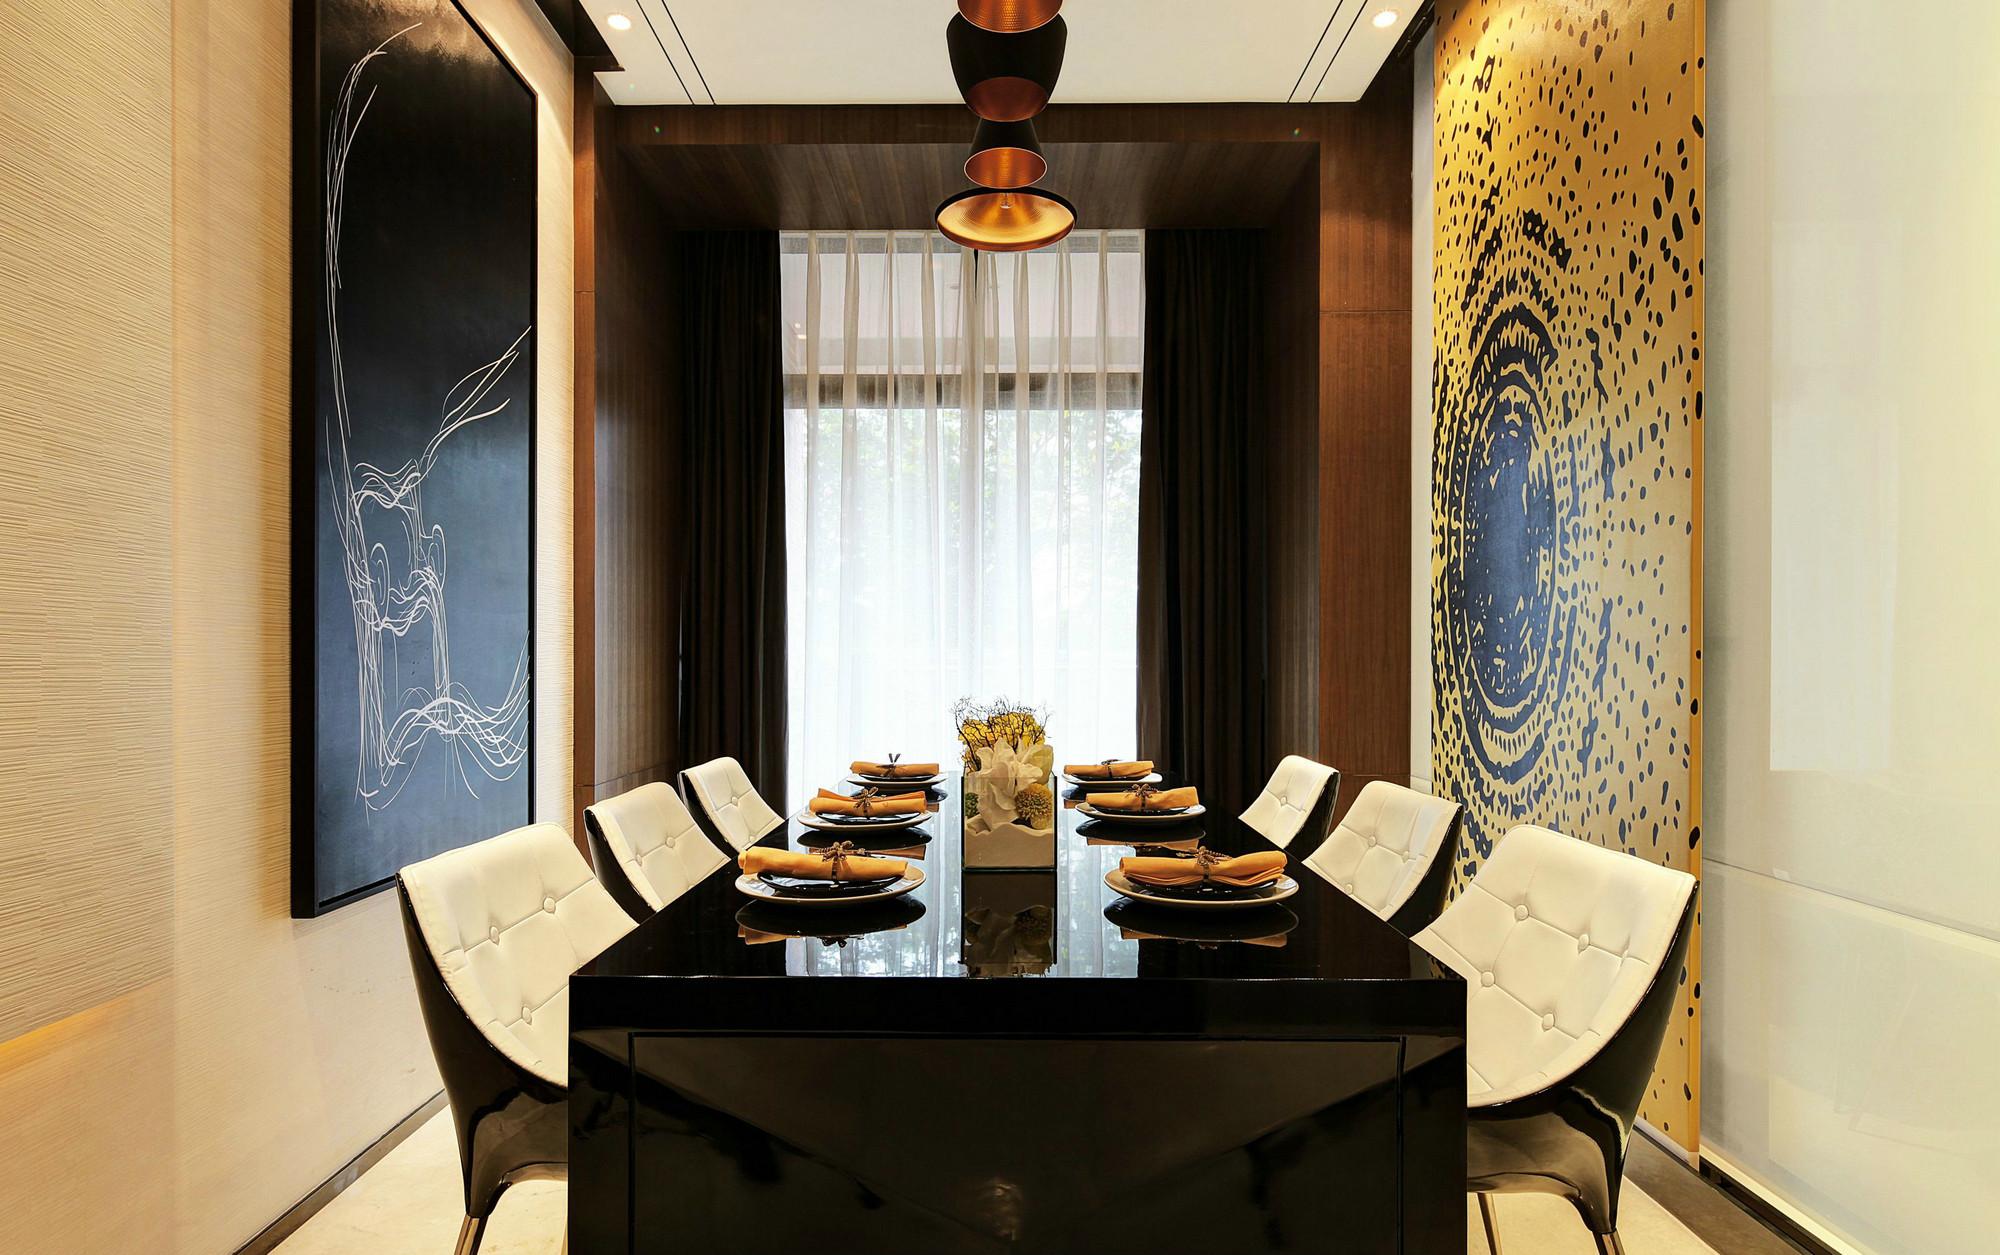 餐厅别致的是,墙面以原木镶边墙面为装饰,很是时尚